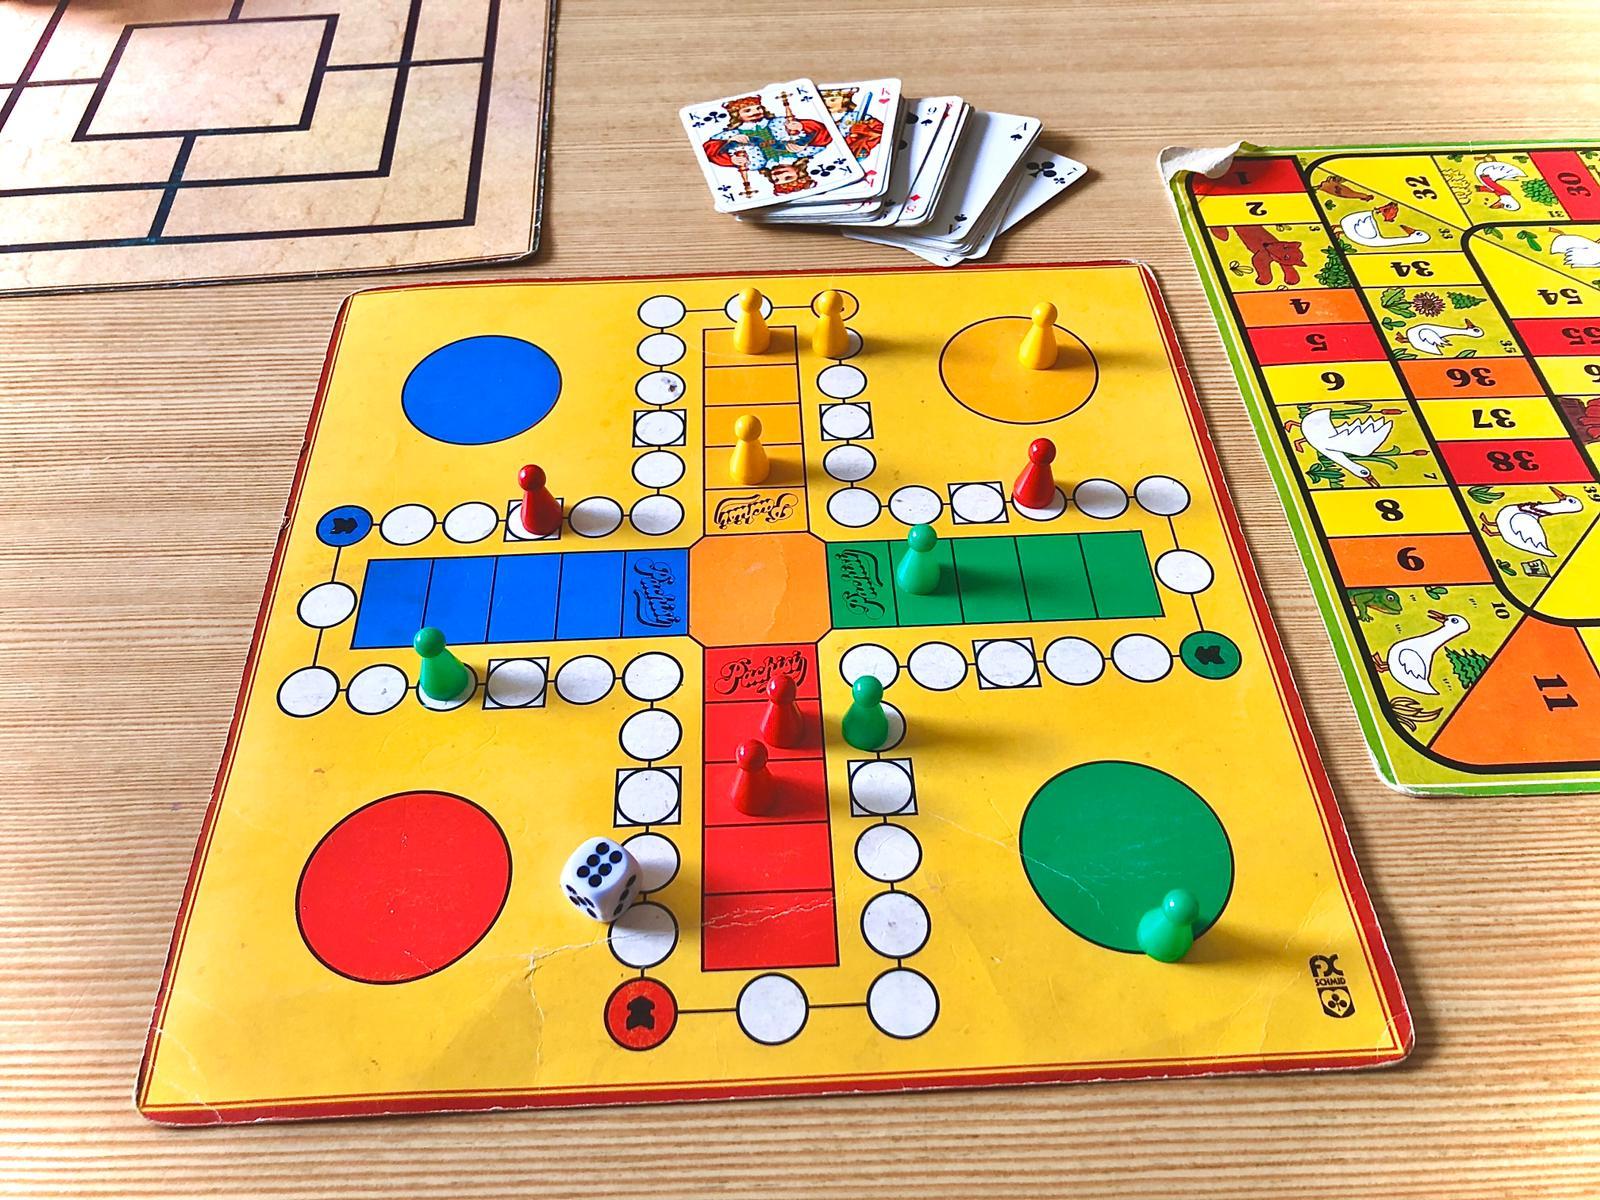 Lara spielt Gesellschaftsspiele mit ihrer Familie